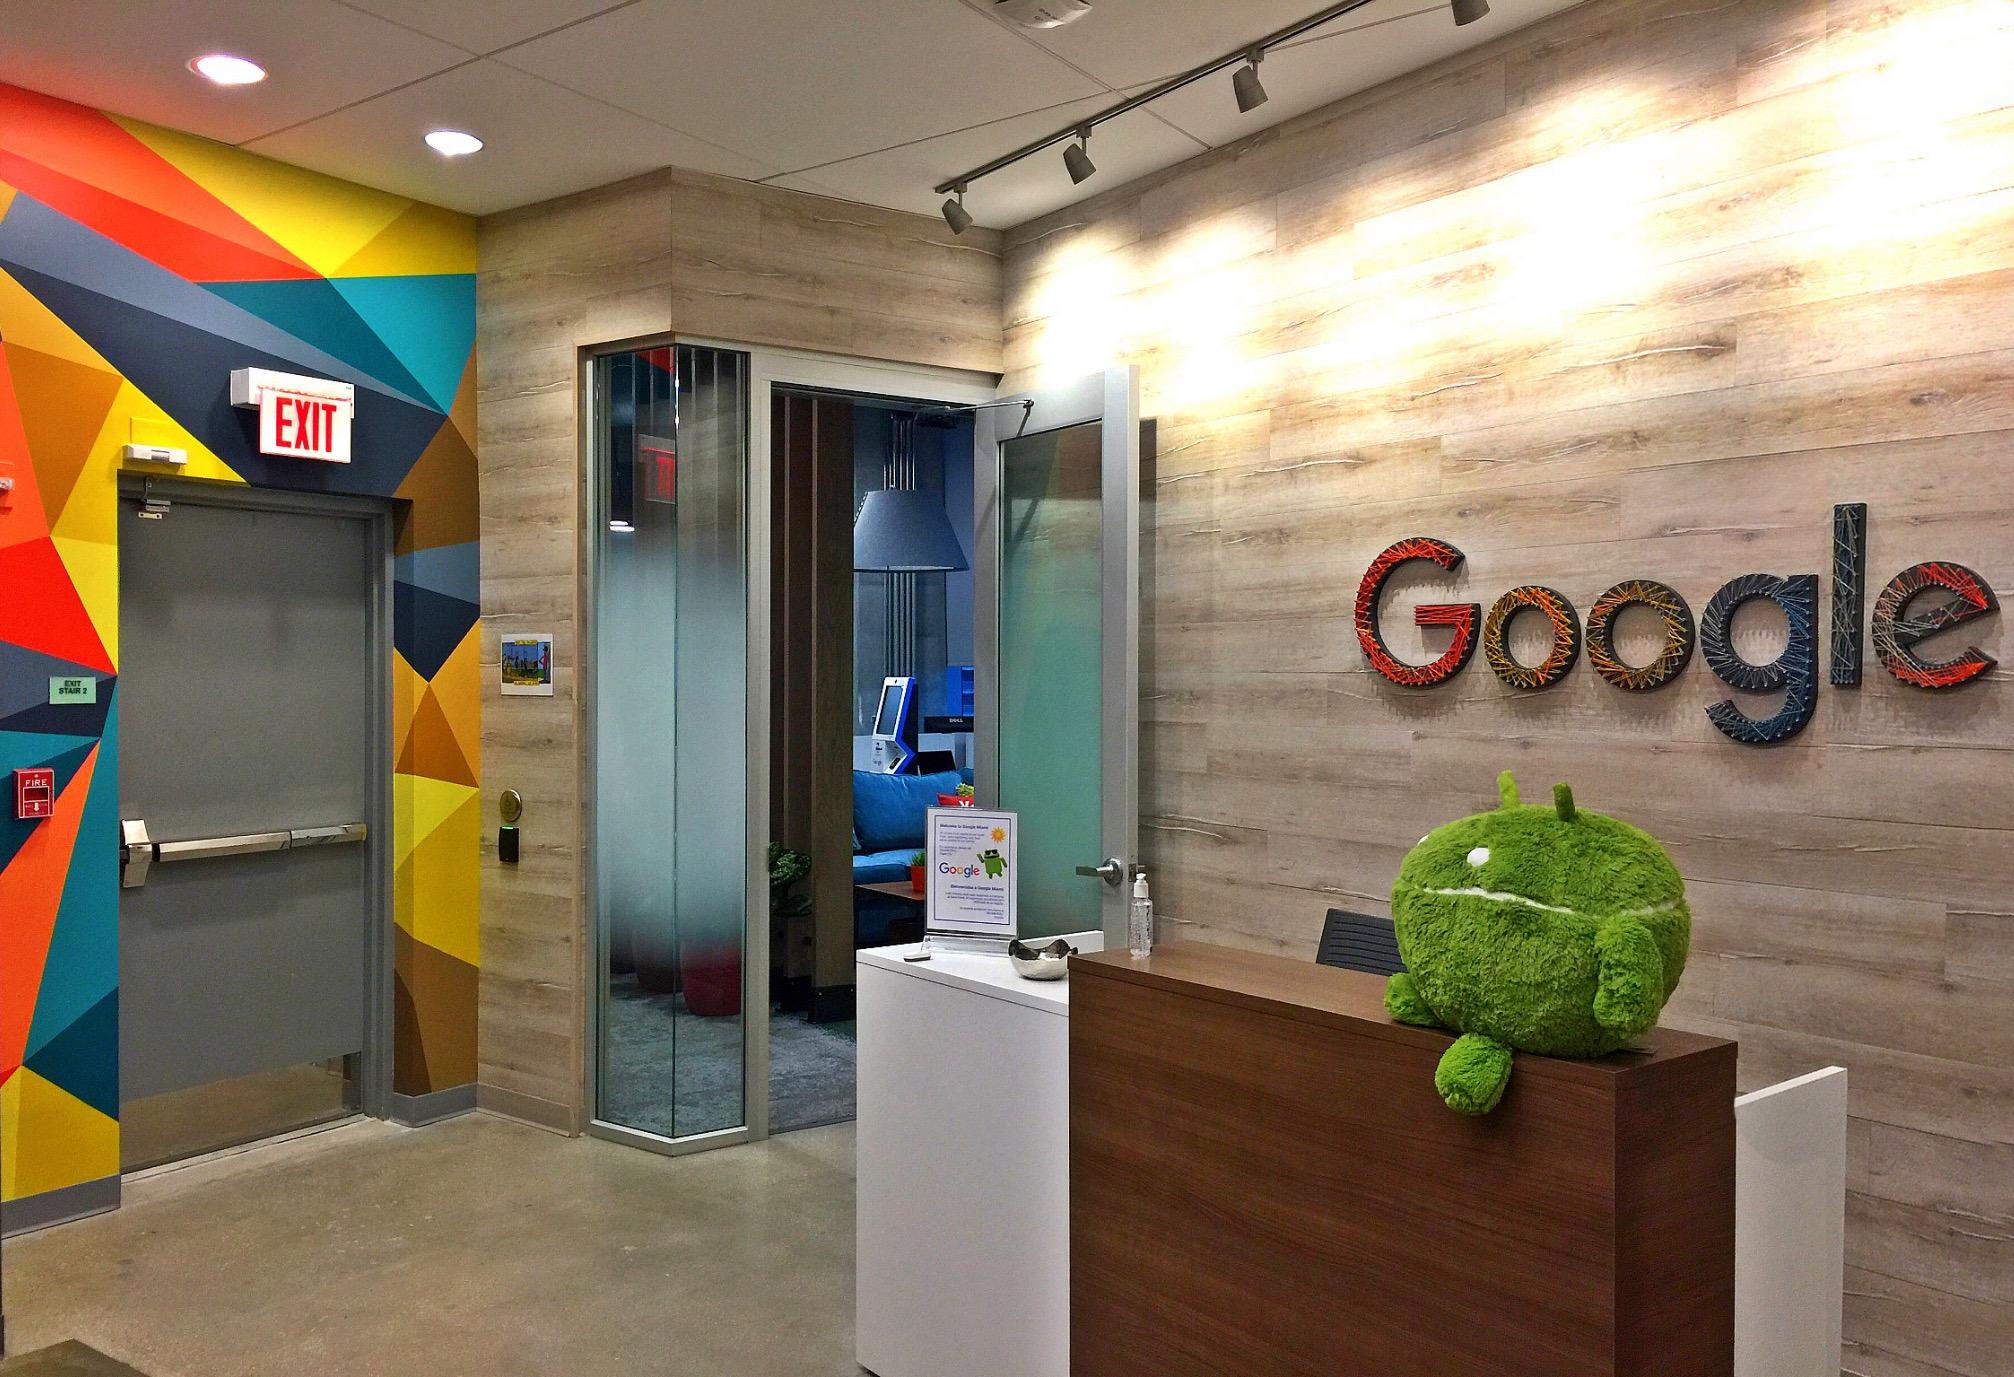 Google office mural Art Basel Brickell, Fl